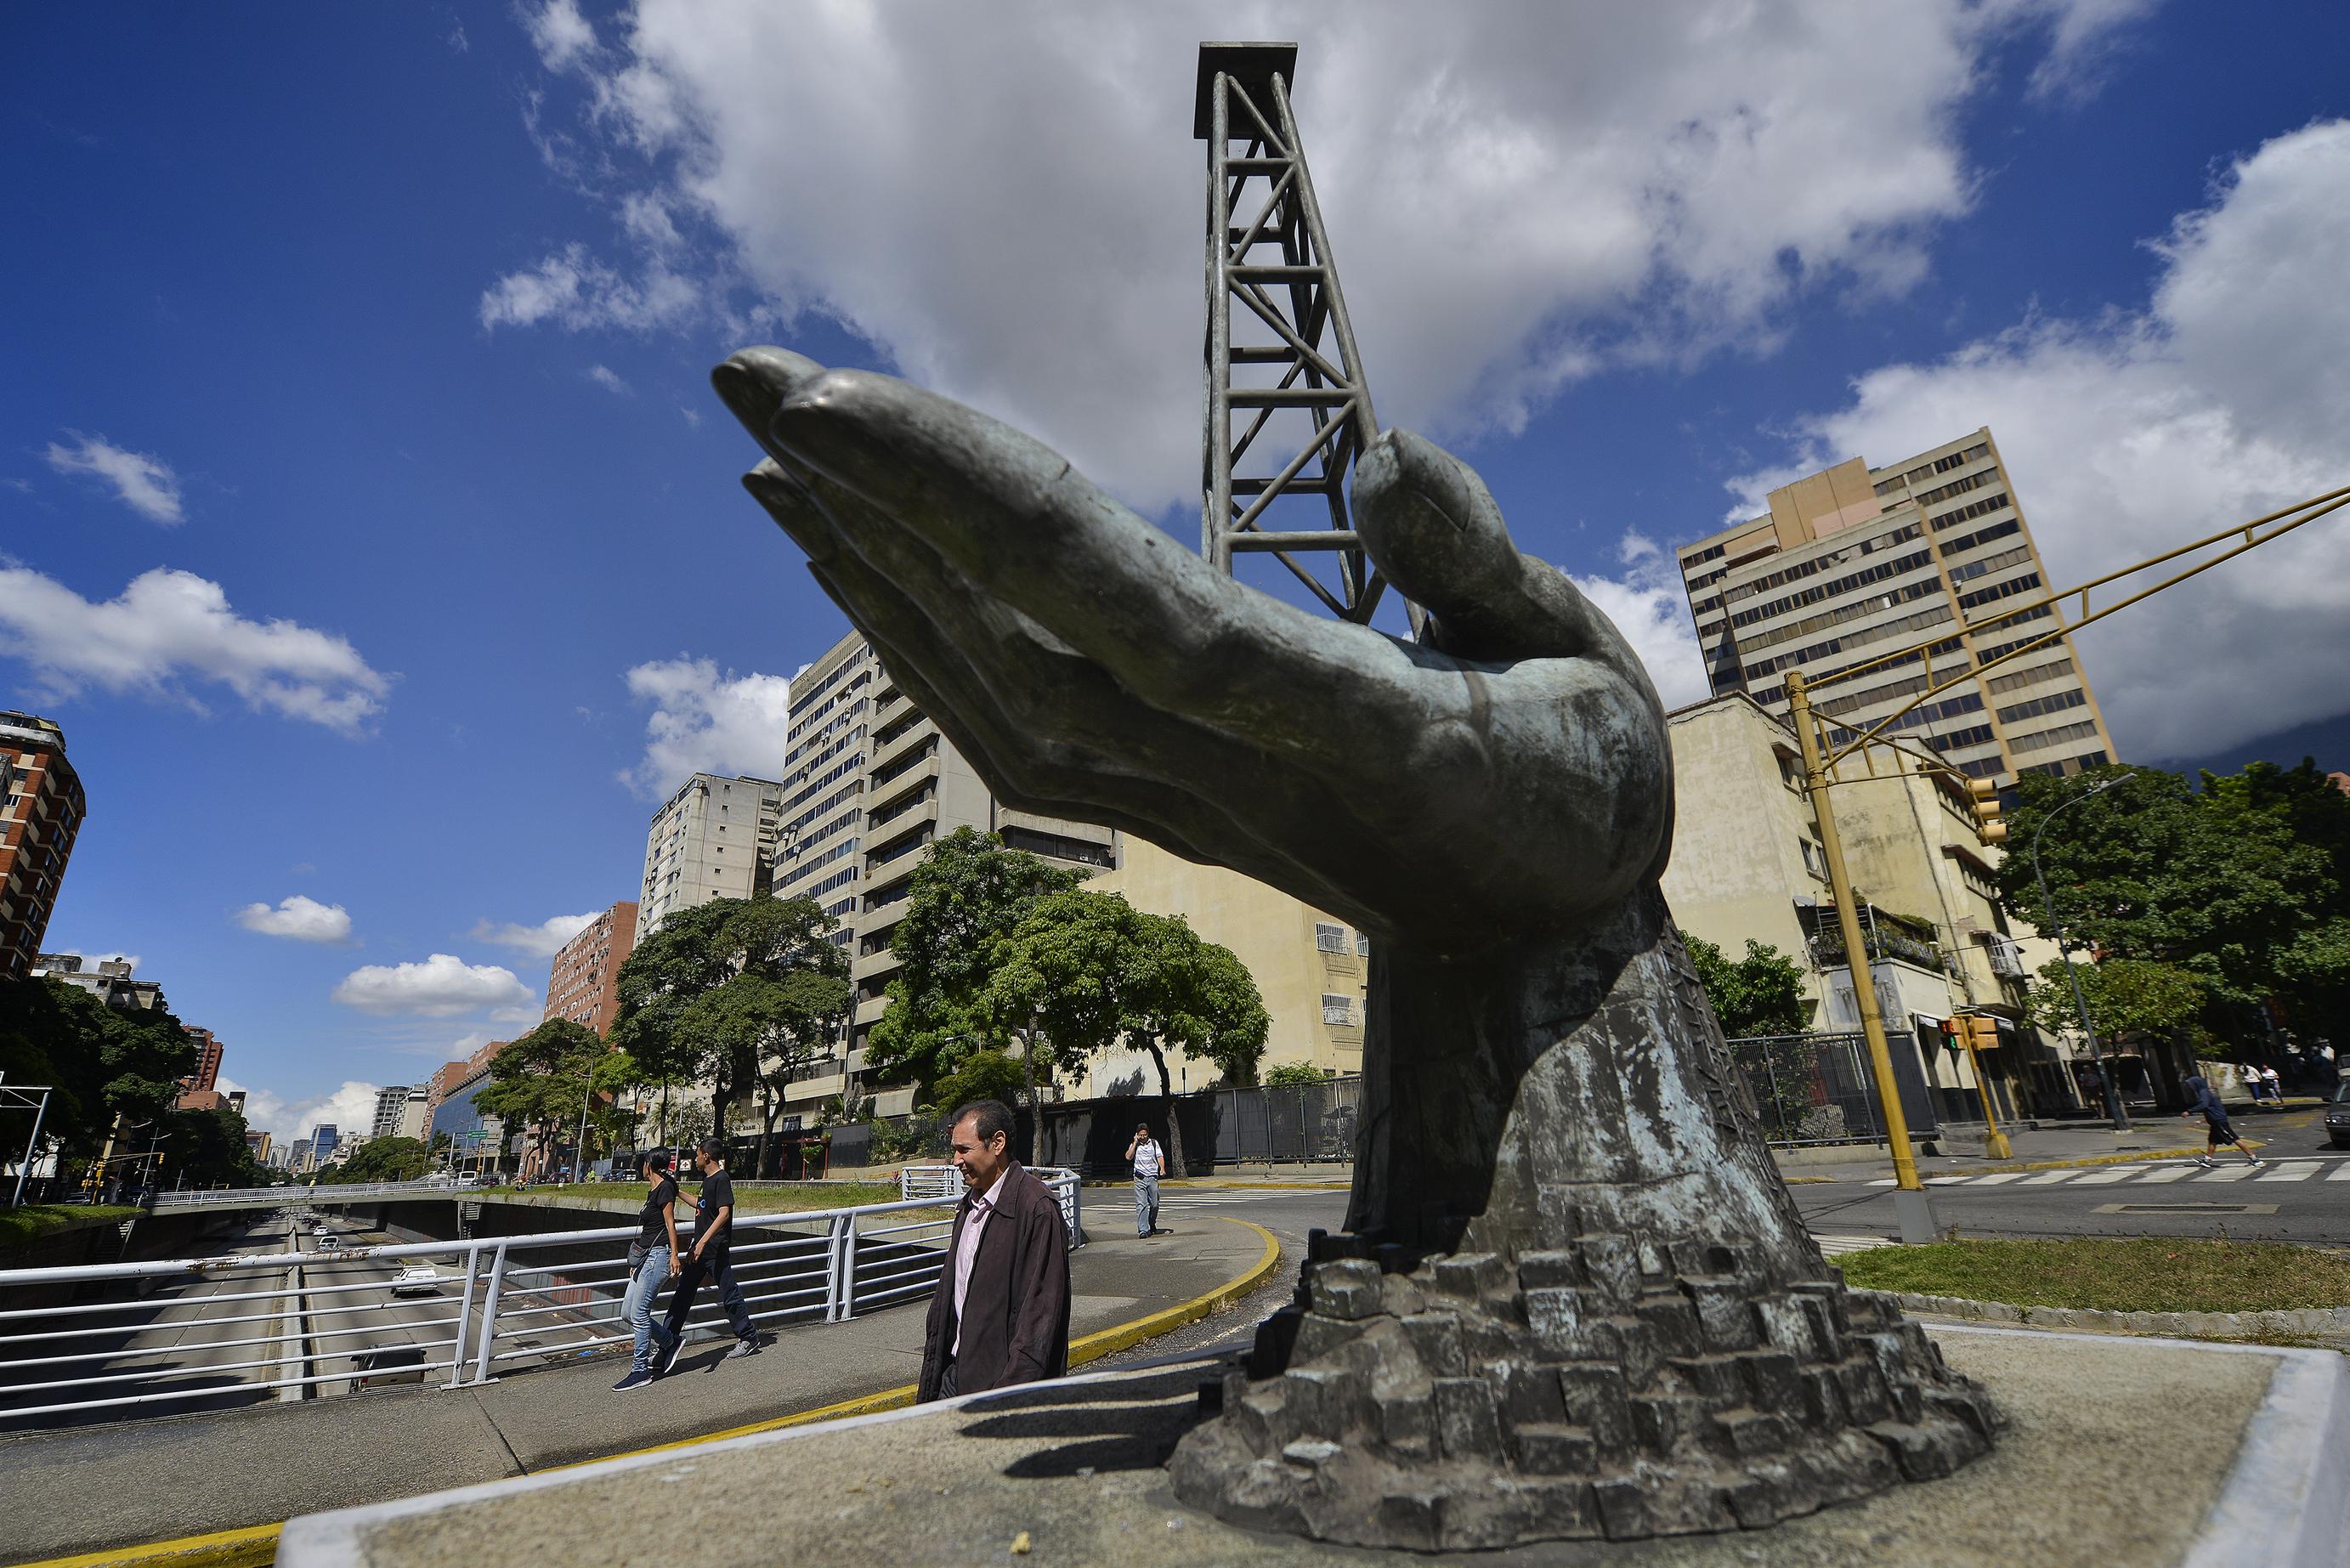 Una scultura di una mano che regge una struttura di pozzi petroliferi fuori dalla compagnia petrolifera statale venezuelana Pdvsa a Caracas (LaPresse)